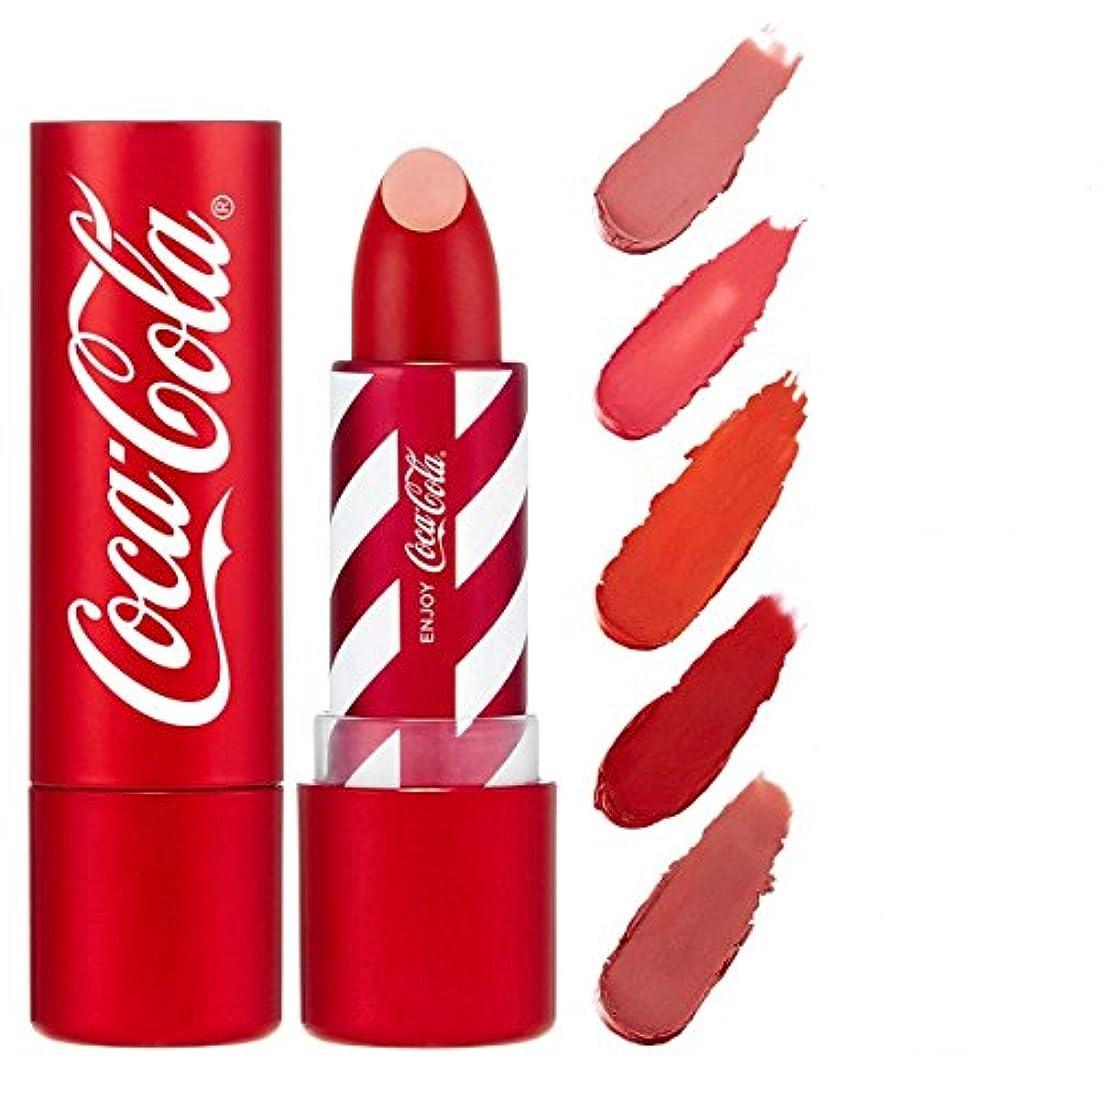 密度解放する具体的にコカ?コーラ×THE FACE SHOP リップスティック ~ コカ?コーラ公式グッズ 04 COKE RED